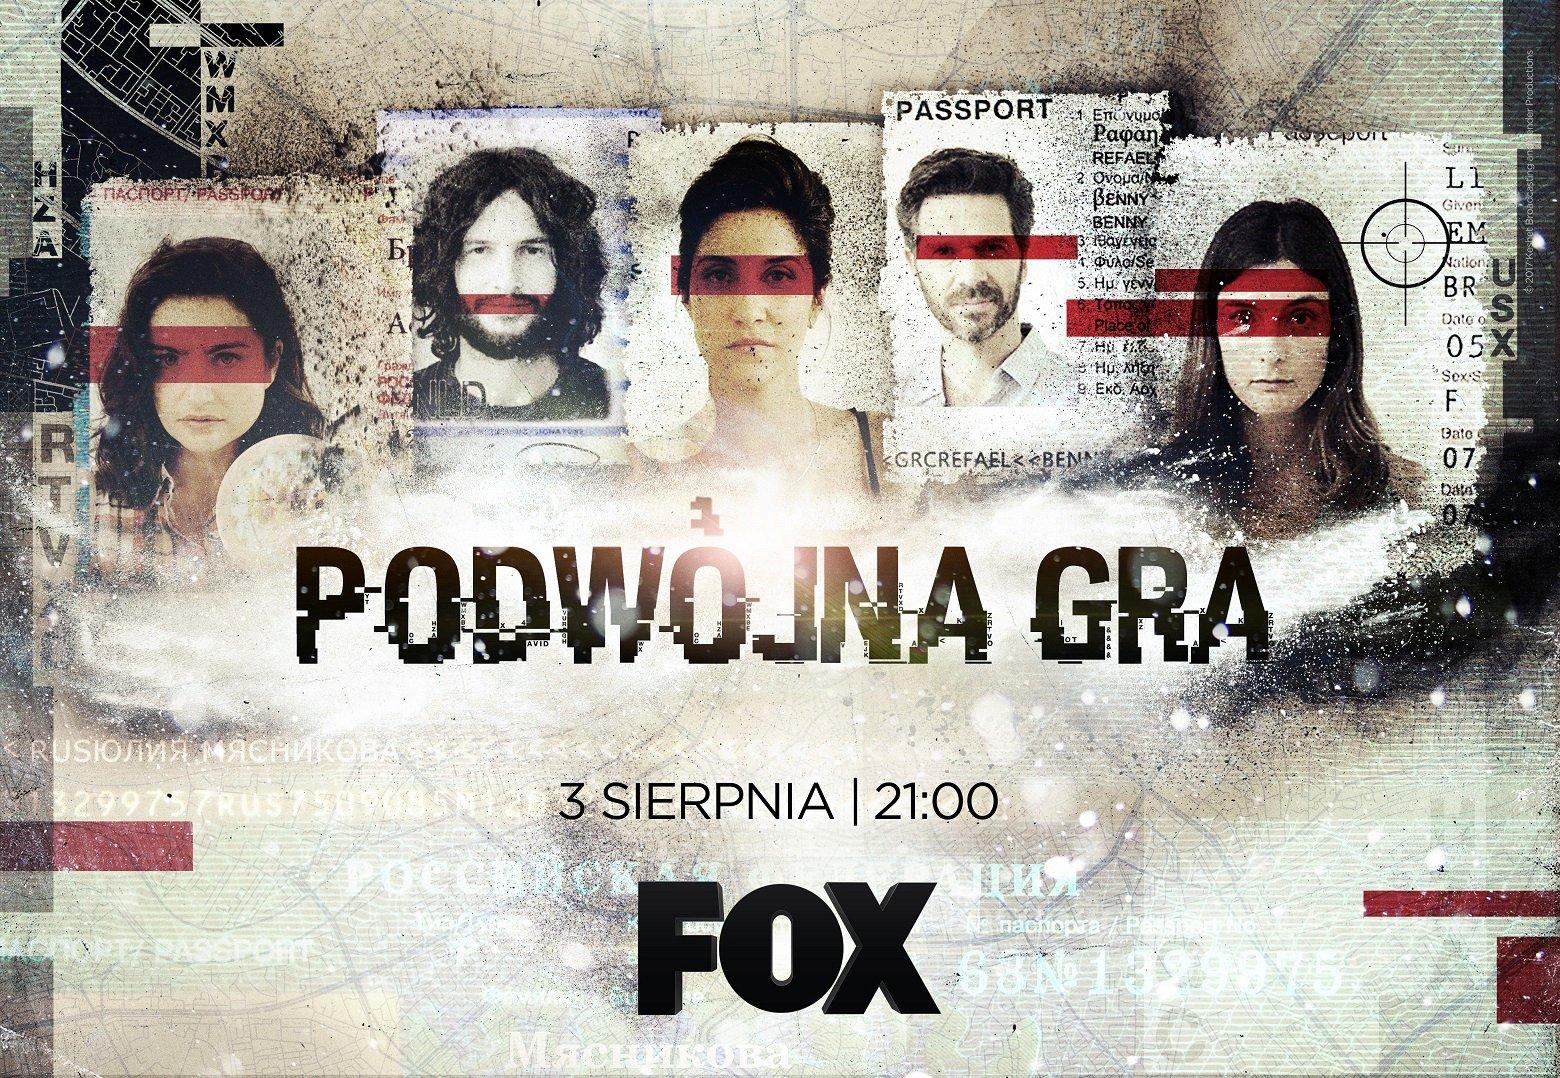 Niewinni obywatele, czy ukryci szpiedzy? PODWÓJNA GRA już w czwartek 3 sierpnia tylko na FOX!